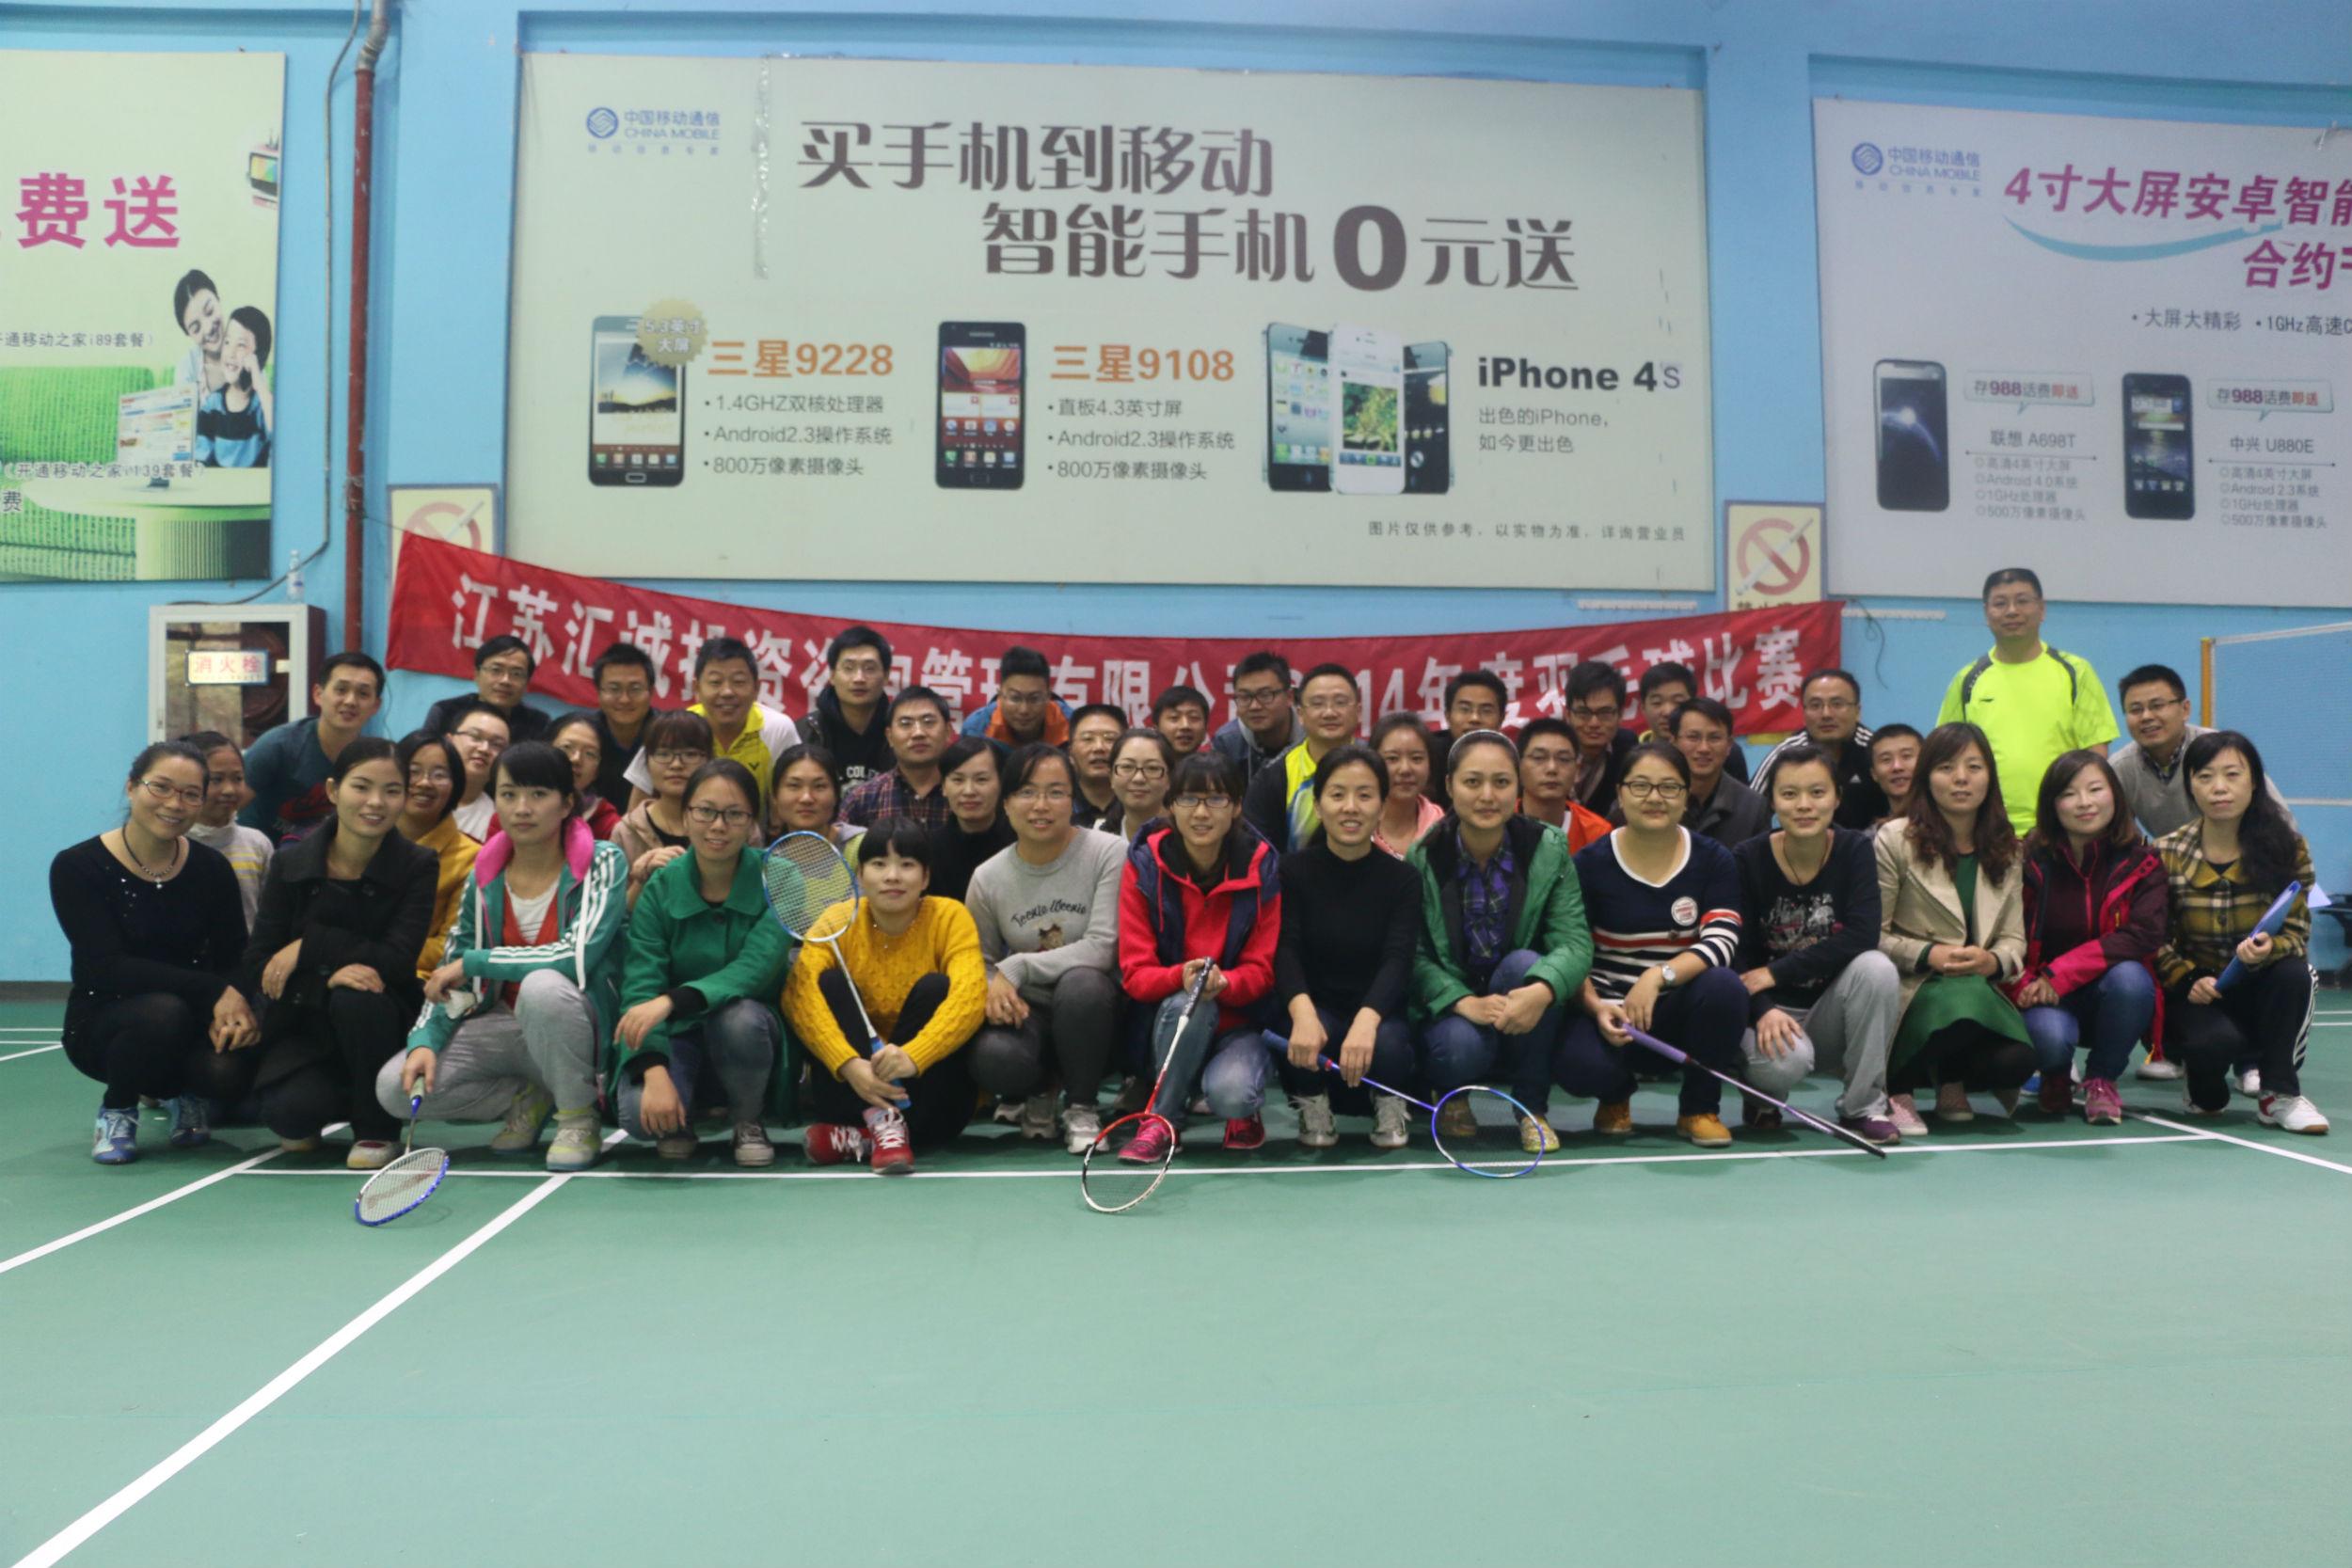 江苏汇诚投资咨询管理有限公司2014年度羽毛球比赛